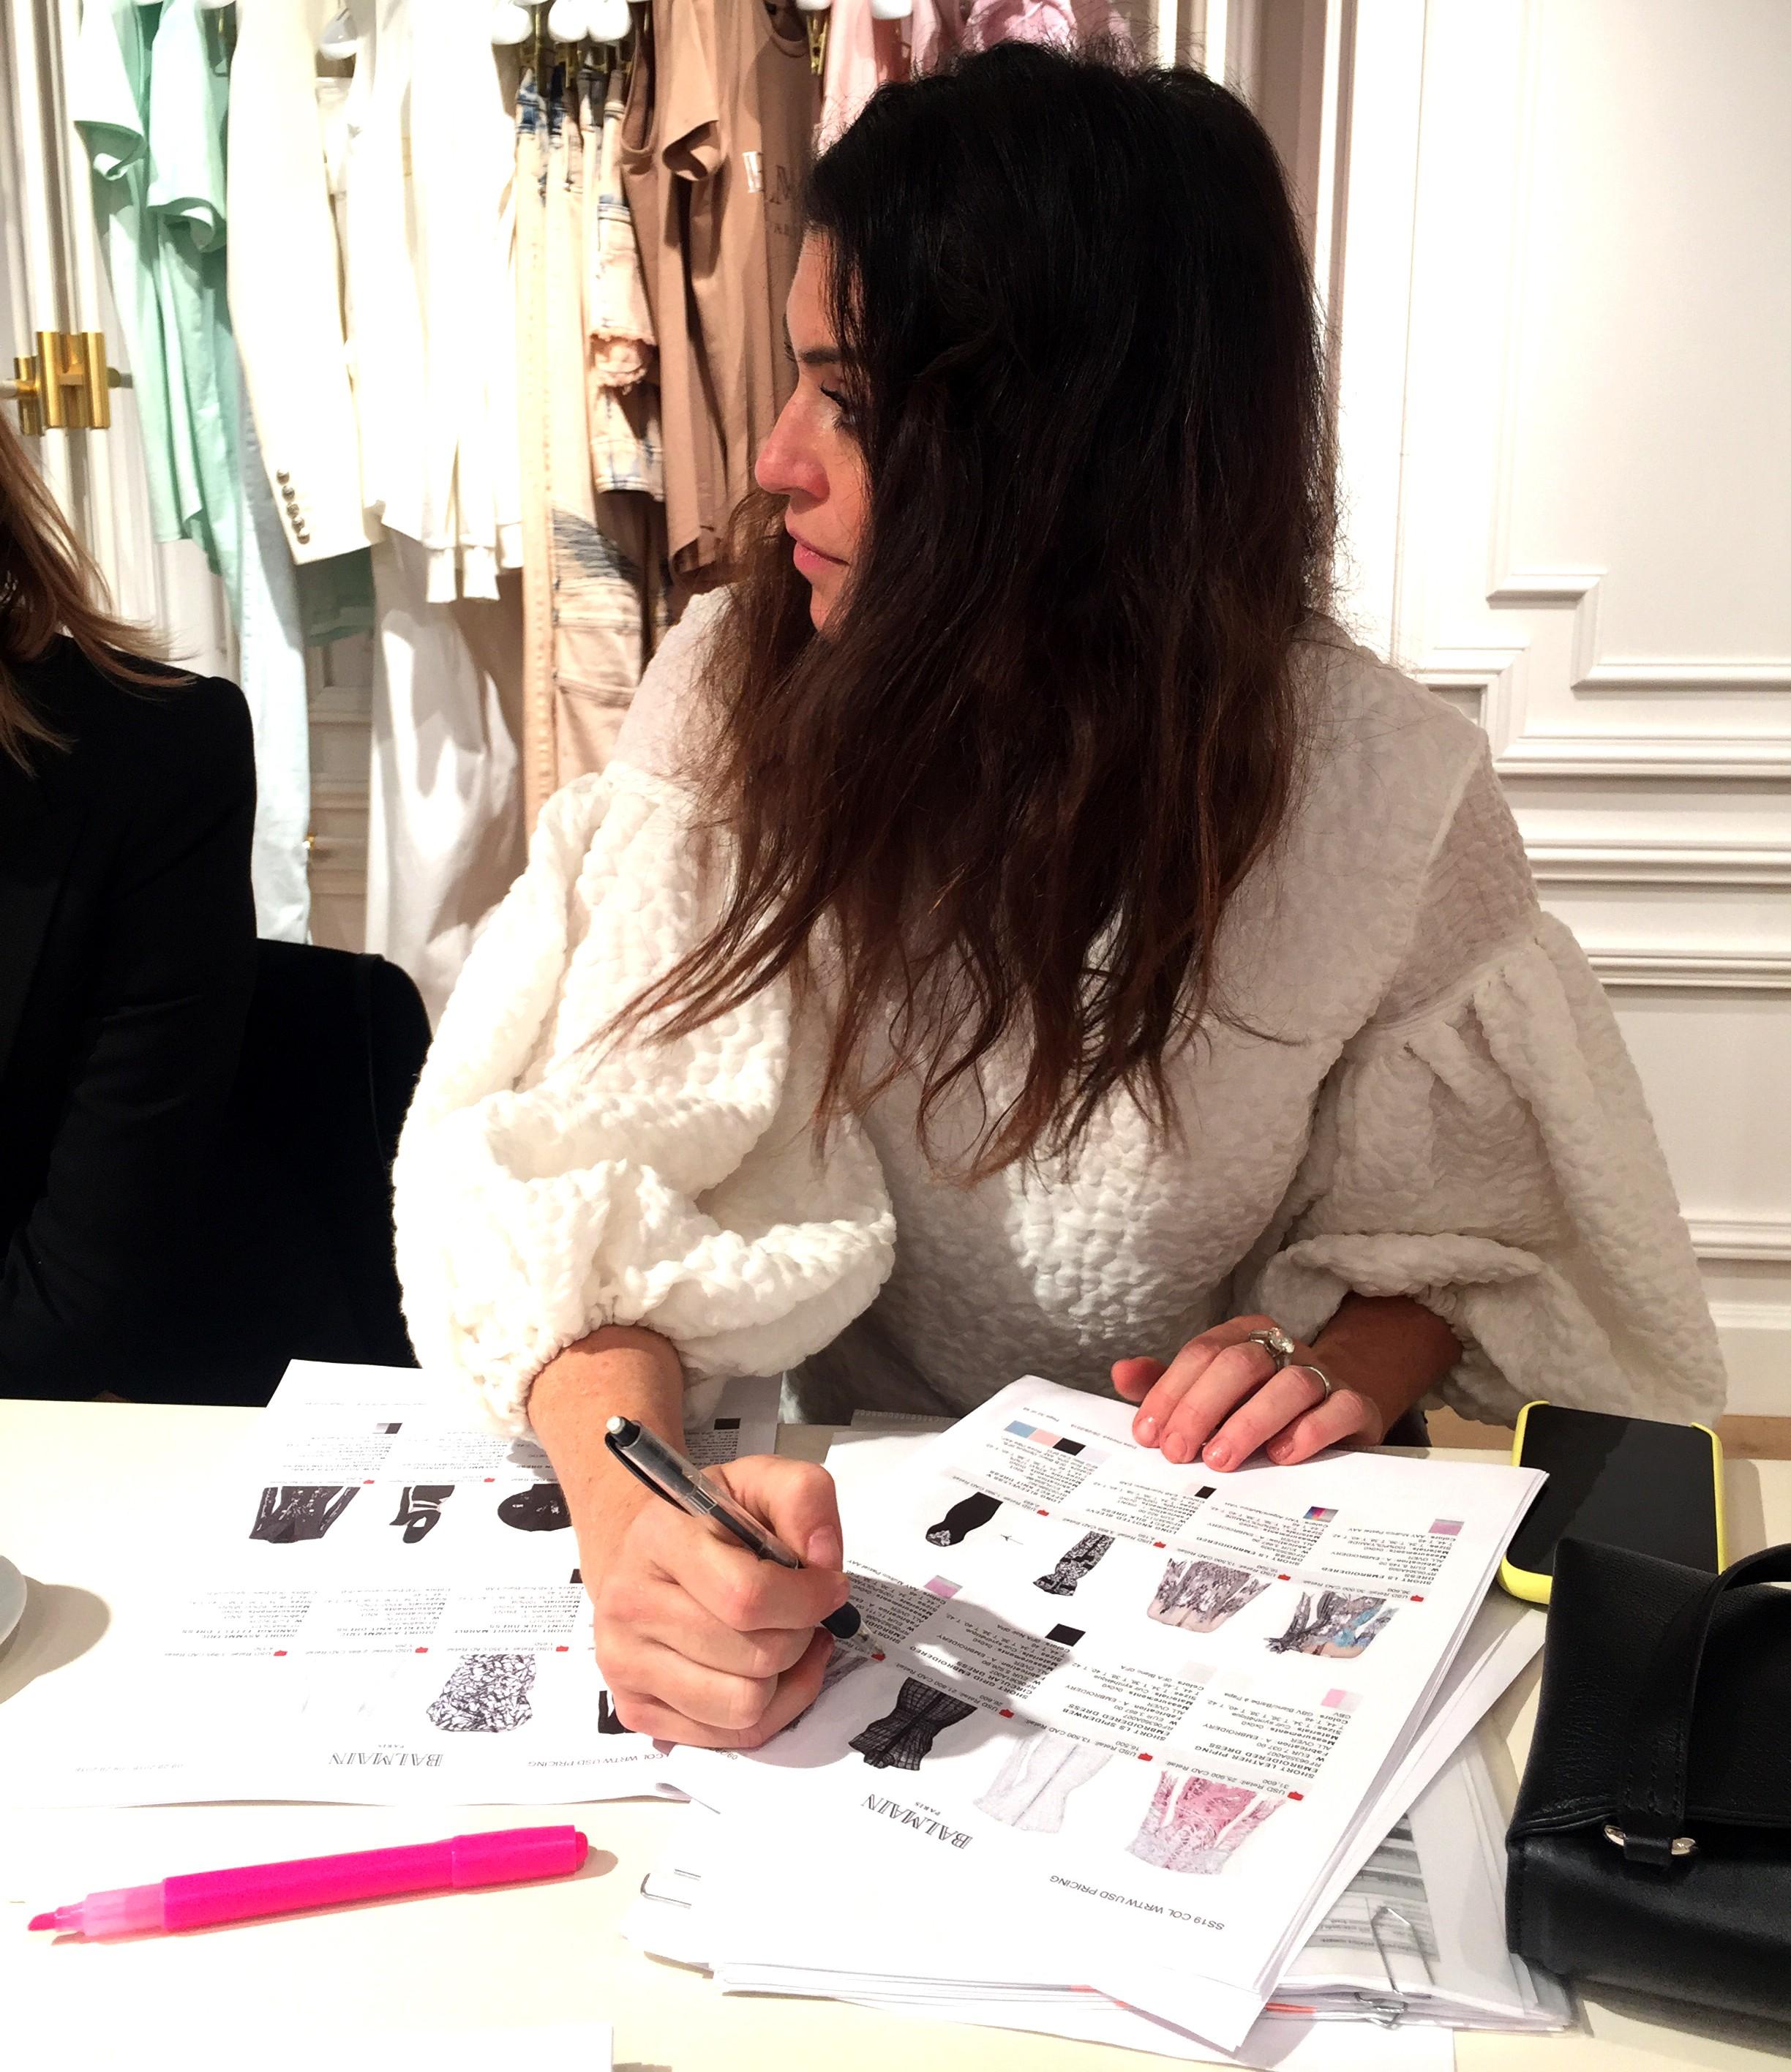 Natalie Klein com planilhas à mão no showroom da Balmain (Foto: Vogue Brasil)